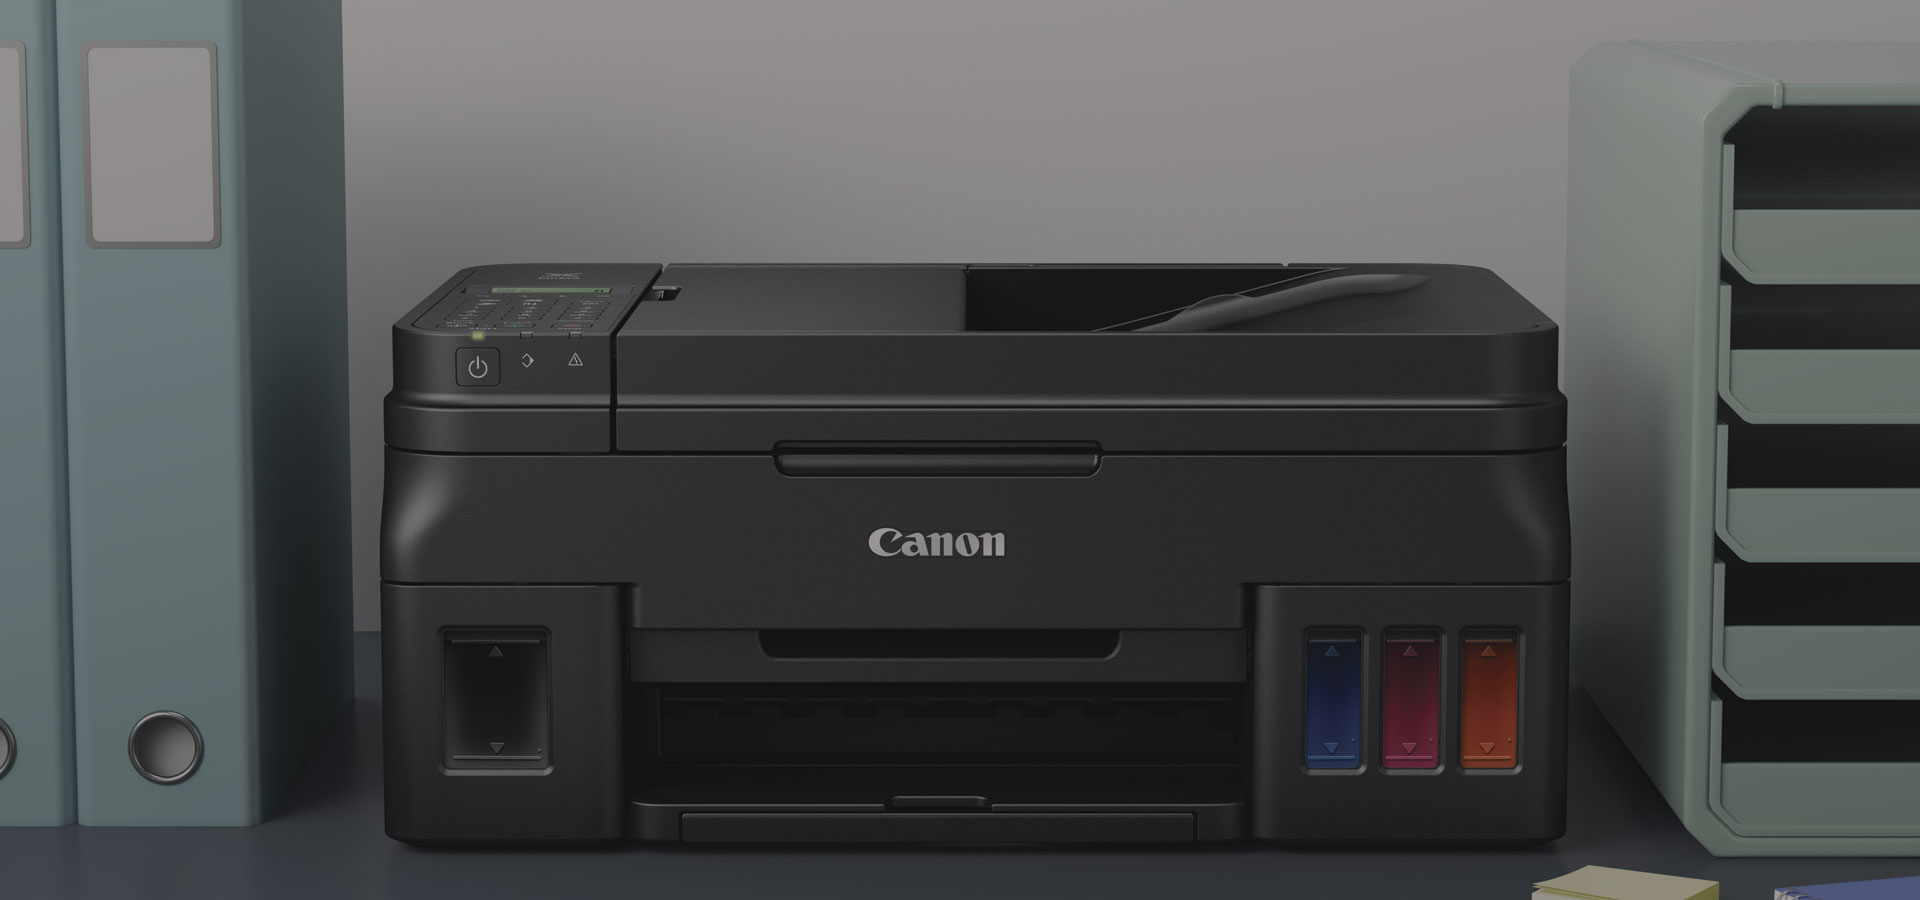 6135d4a6b7 Ideal para quienes buscan una impresora económica y fácil de usar que  ofrezca una auténtica impresión fiable e imágenes de alta calidad.